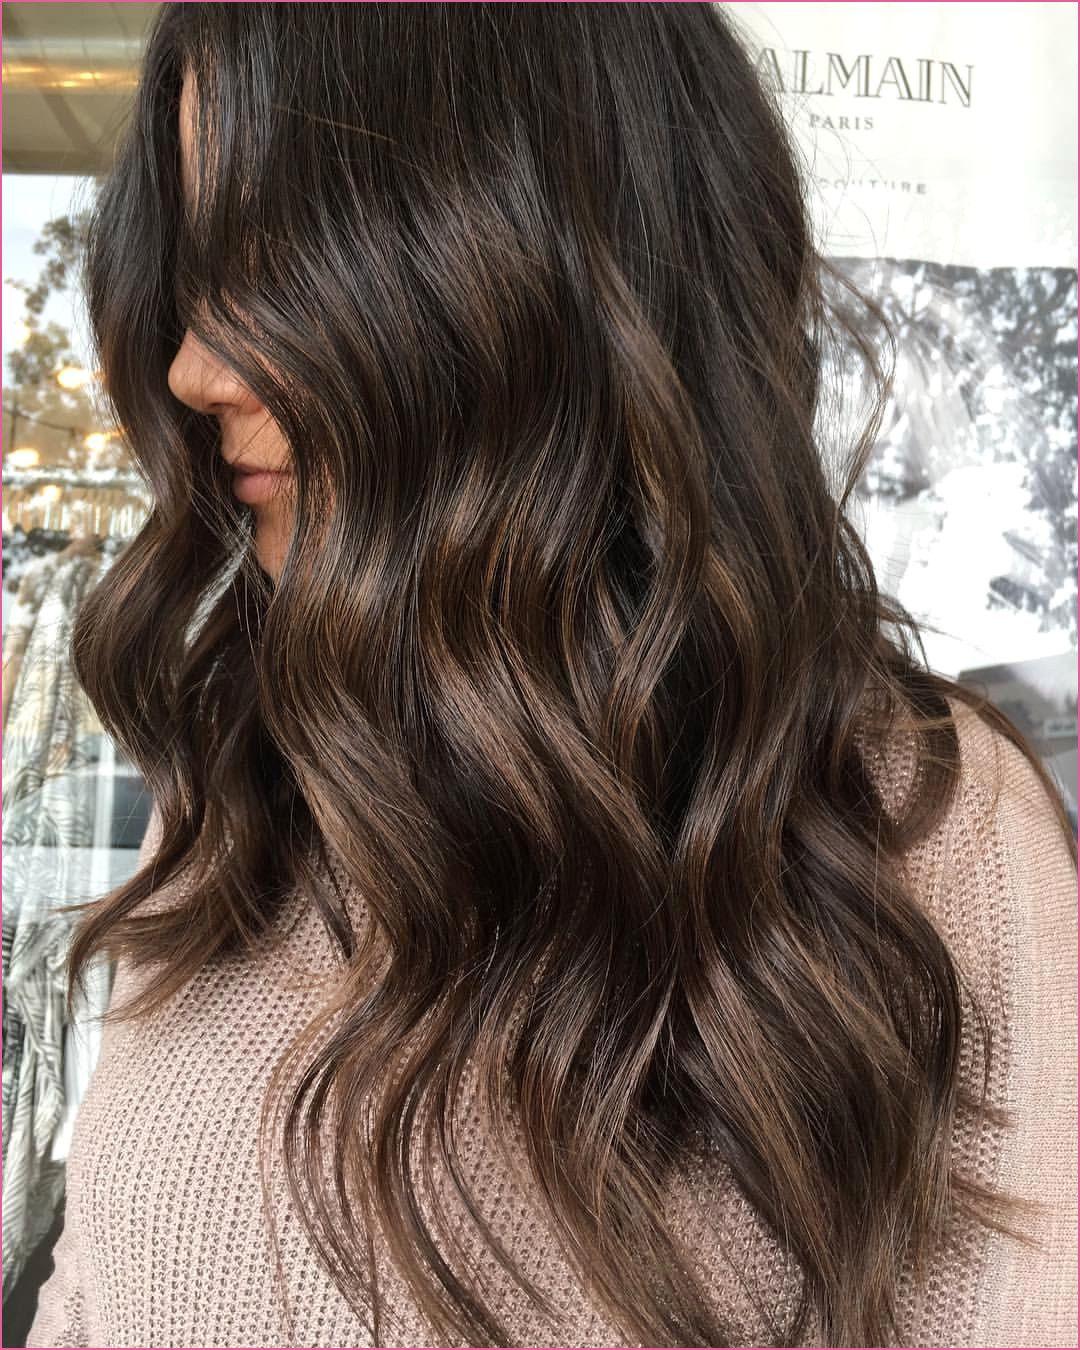 Herbst Haarfarben 2015   Haarfarben, Haarfarbe balayage, Haare